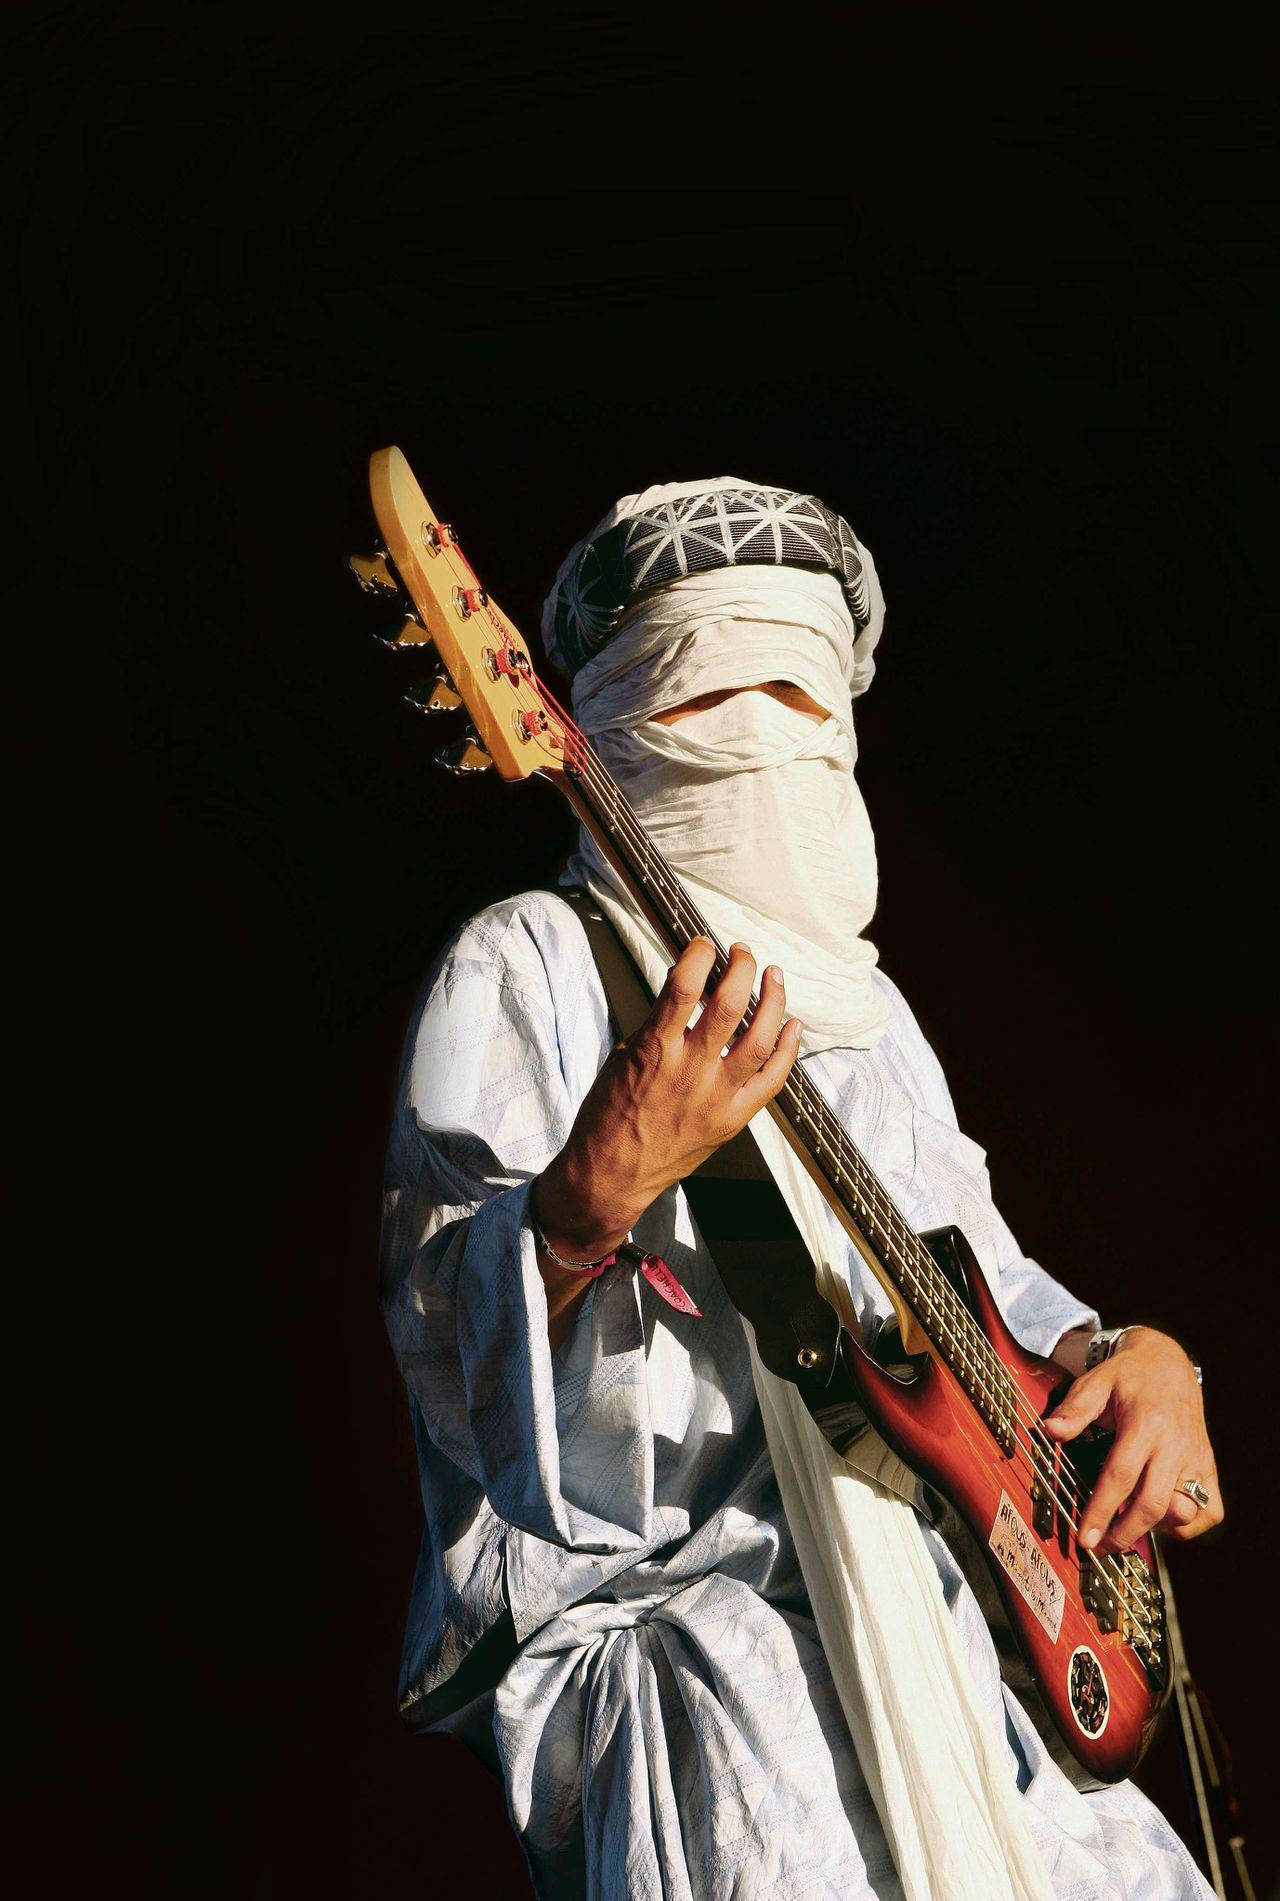 Eyadou Ag Leche van de band Tinariwen: 'Onze zorgen zijn eeuwenoud'